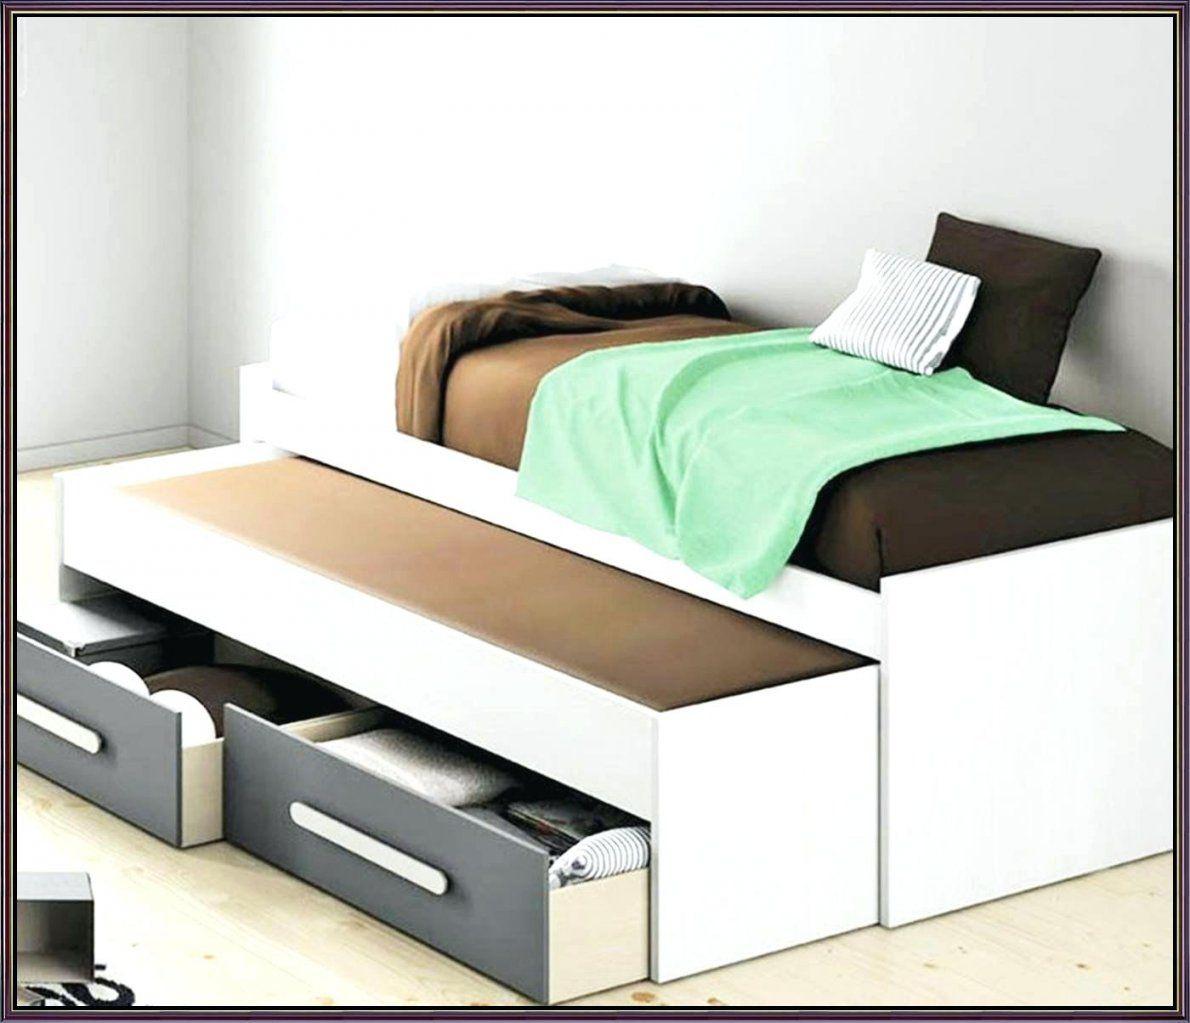 Bett Zum Ausziehen Bett Zum Ausziehen Mit Bettkasten Bett Zum von Bett Zum Ausziehen Gleiche Höhe Bild